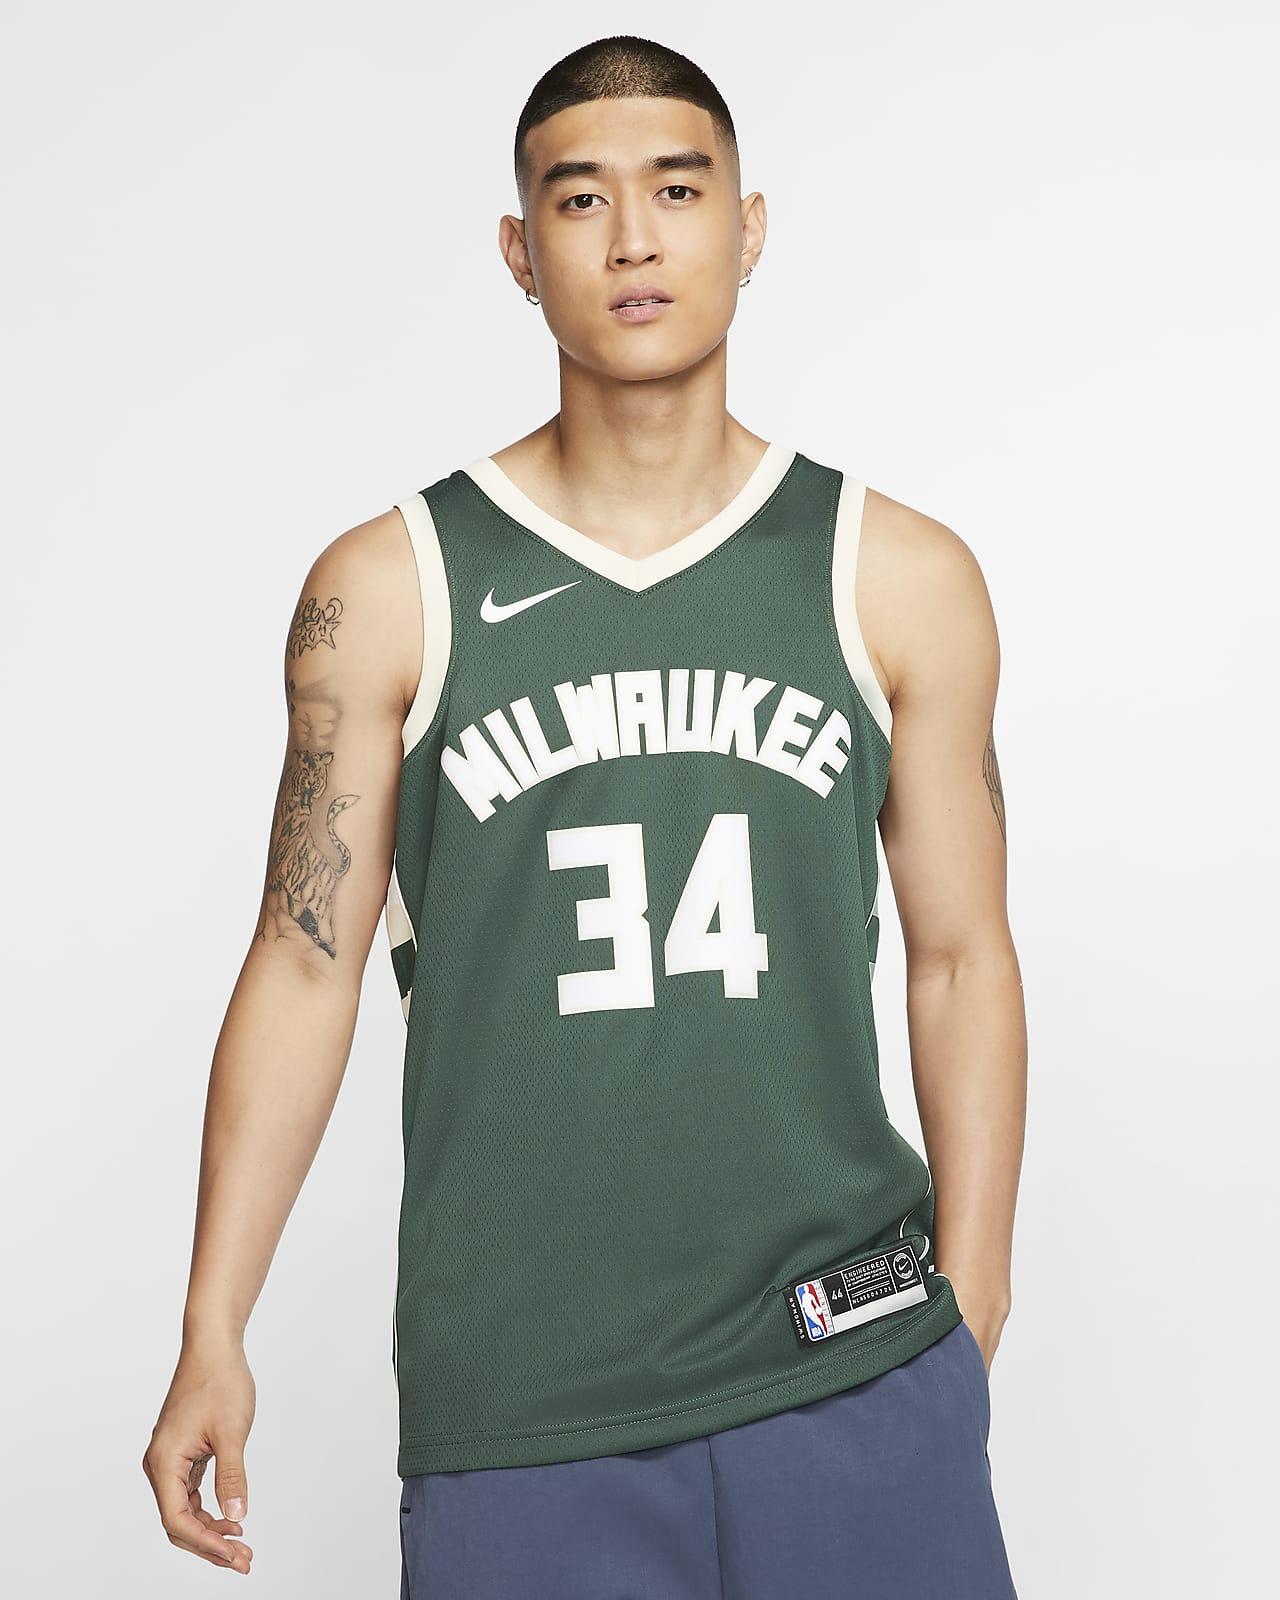 Giannis Antetokounmpo Bucks Icon Edition Camiseta Nike NBA Swingman - Hombre